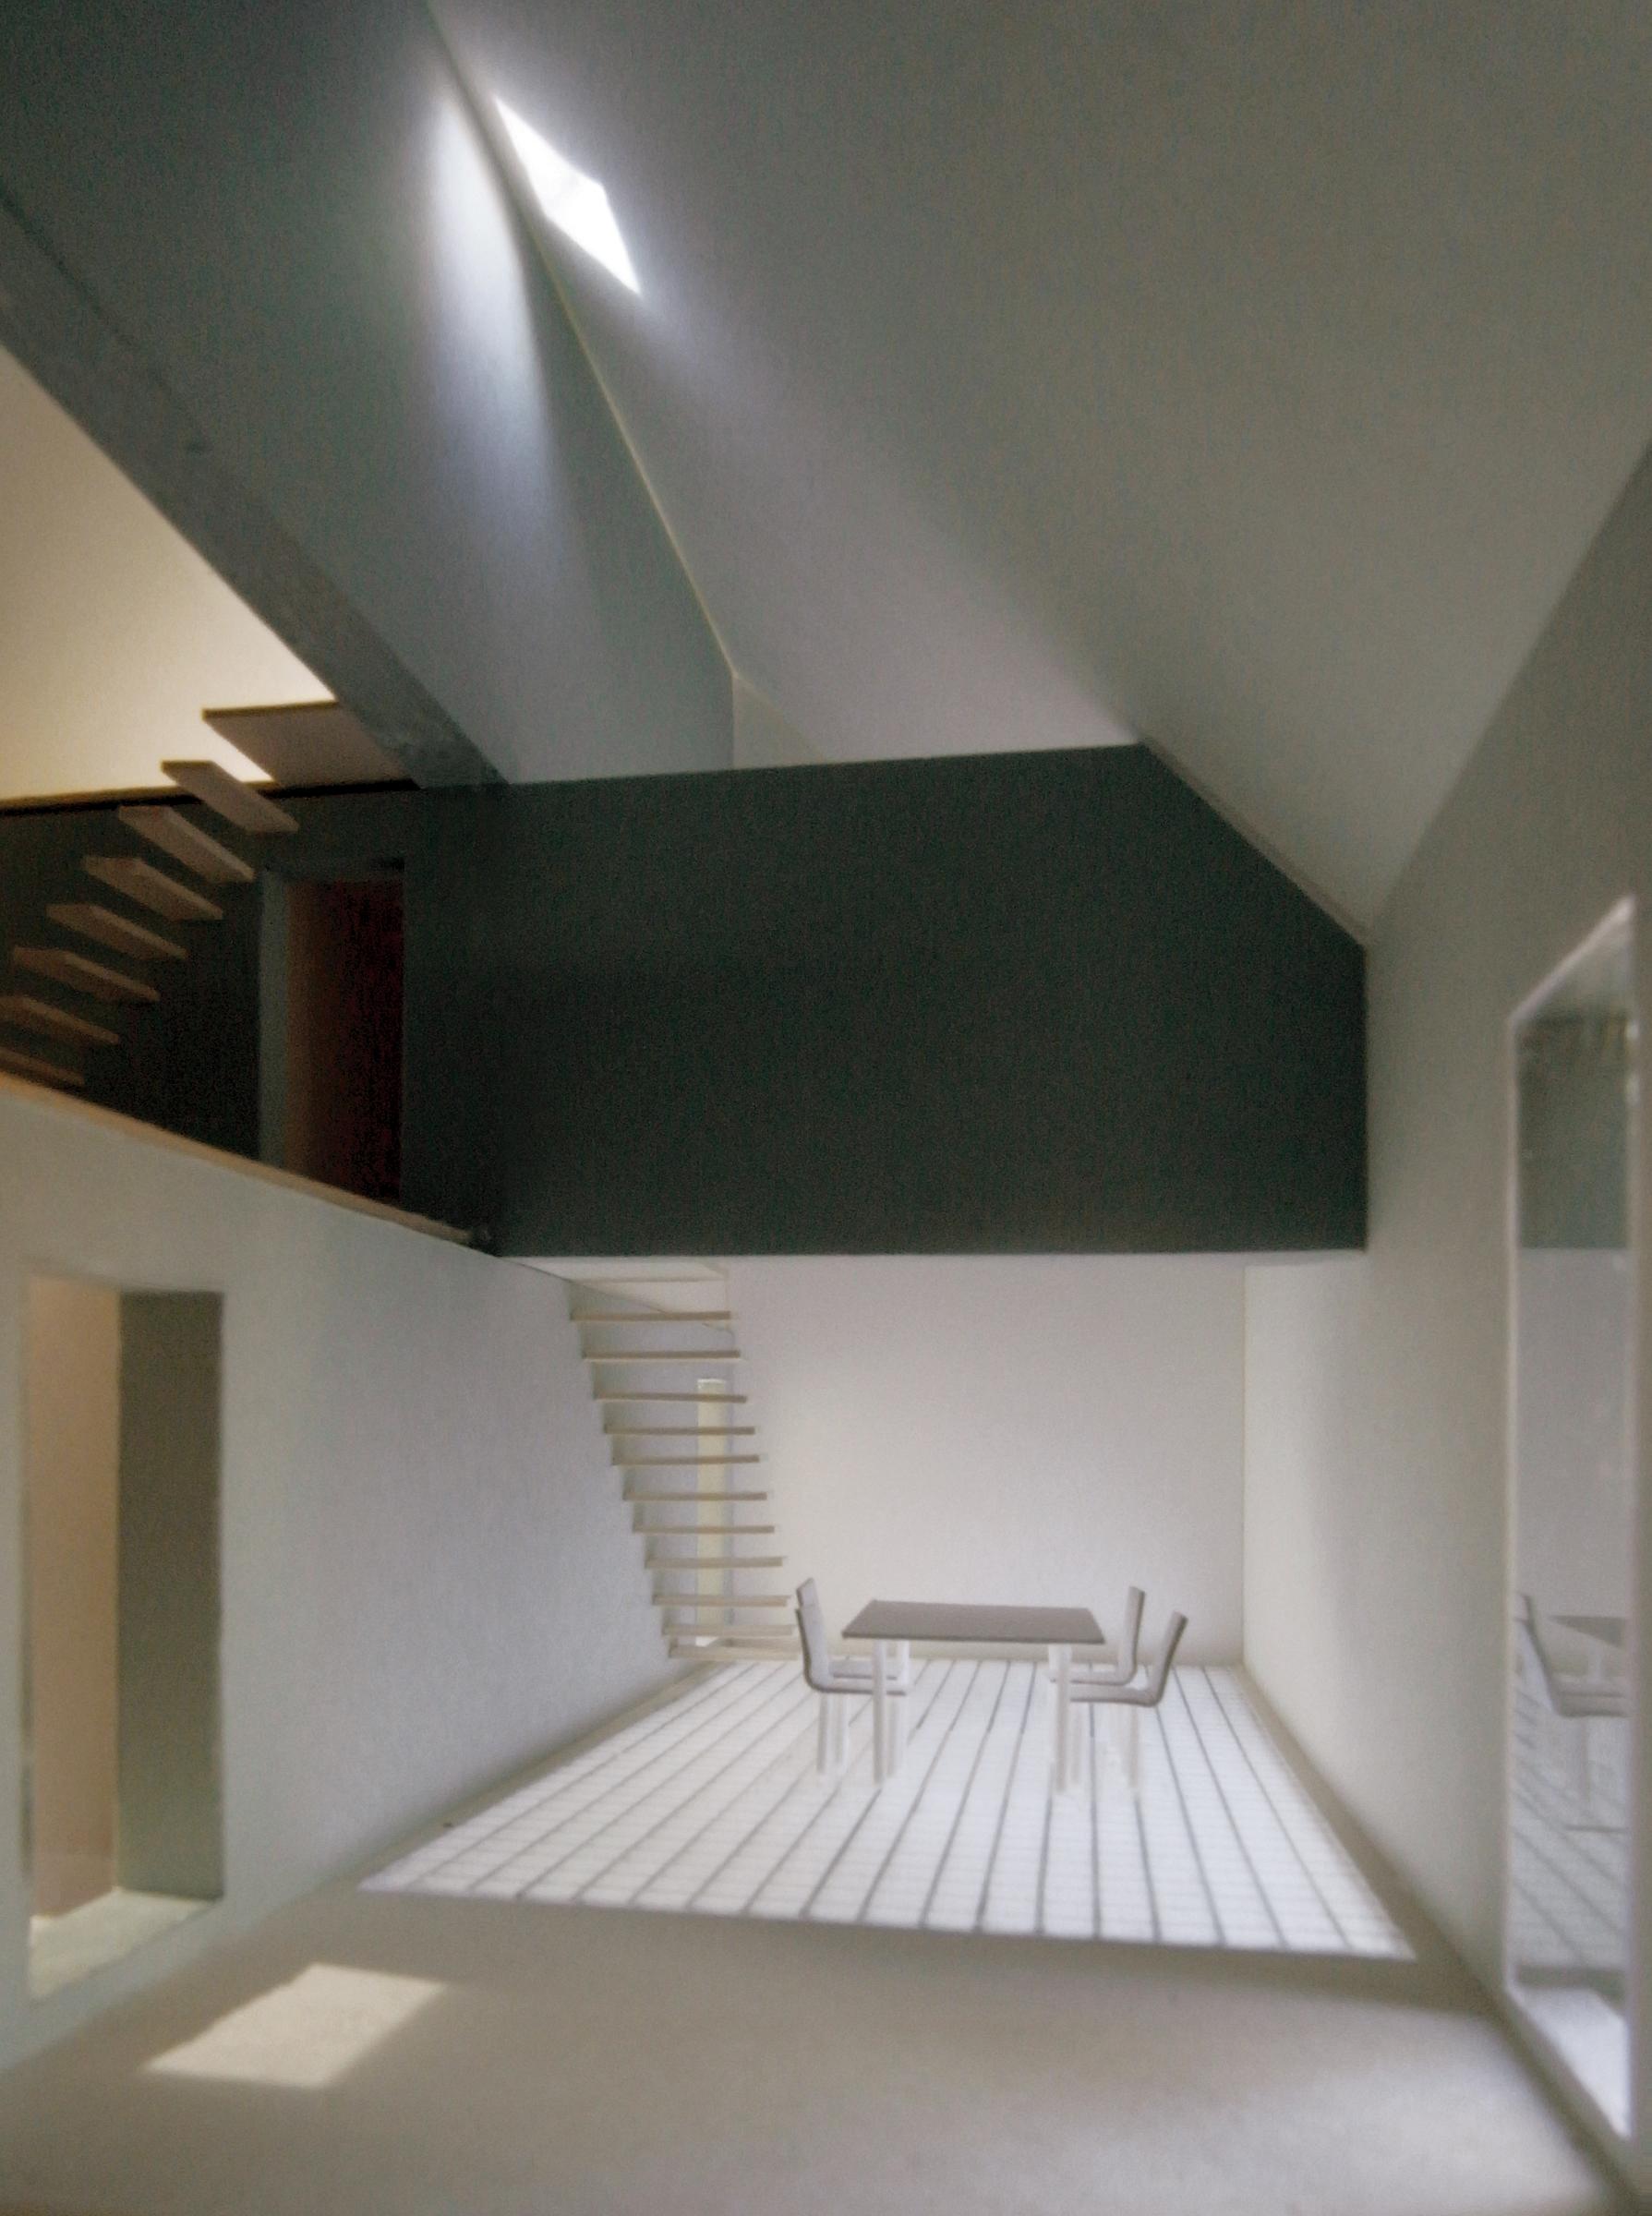 110125_172_shinohara_living_room2_RGB.jpg